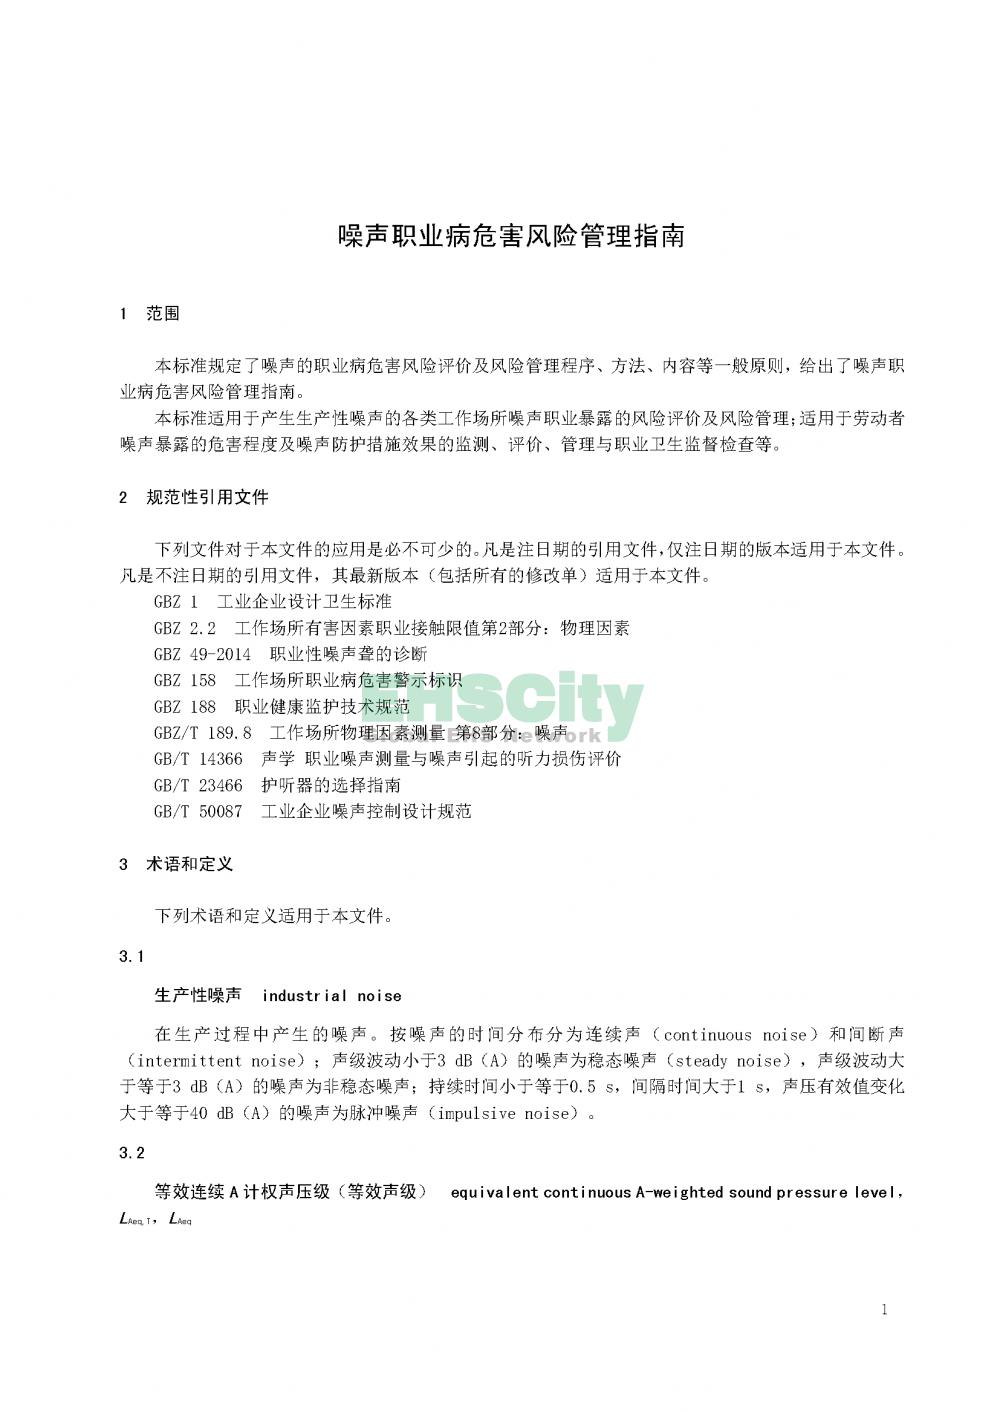 噪声职业病危害风险管理指南_页面_04